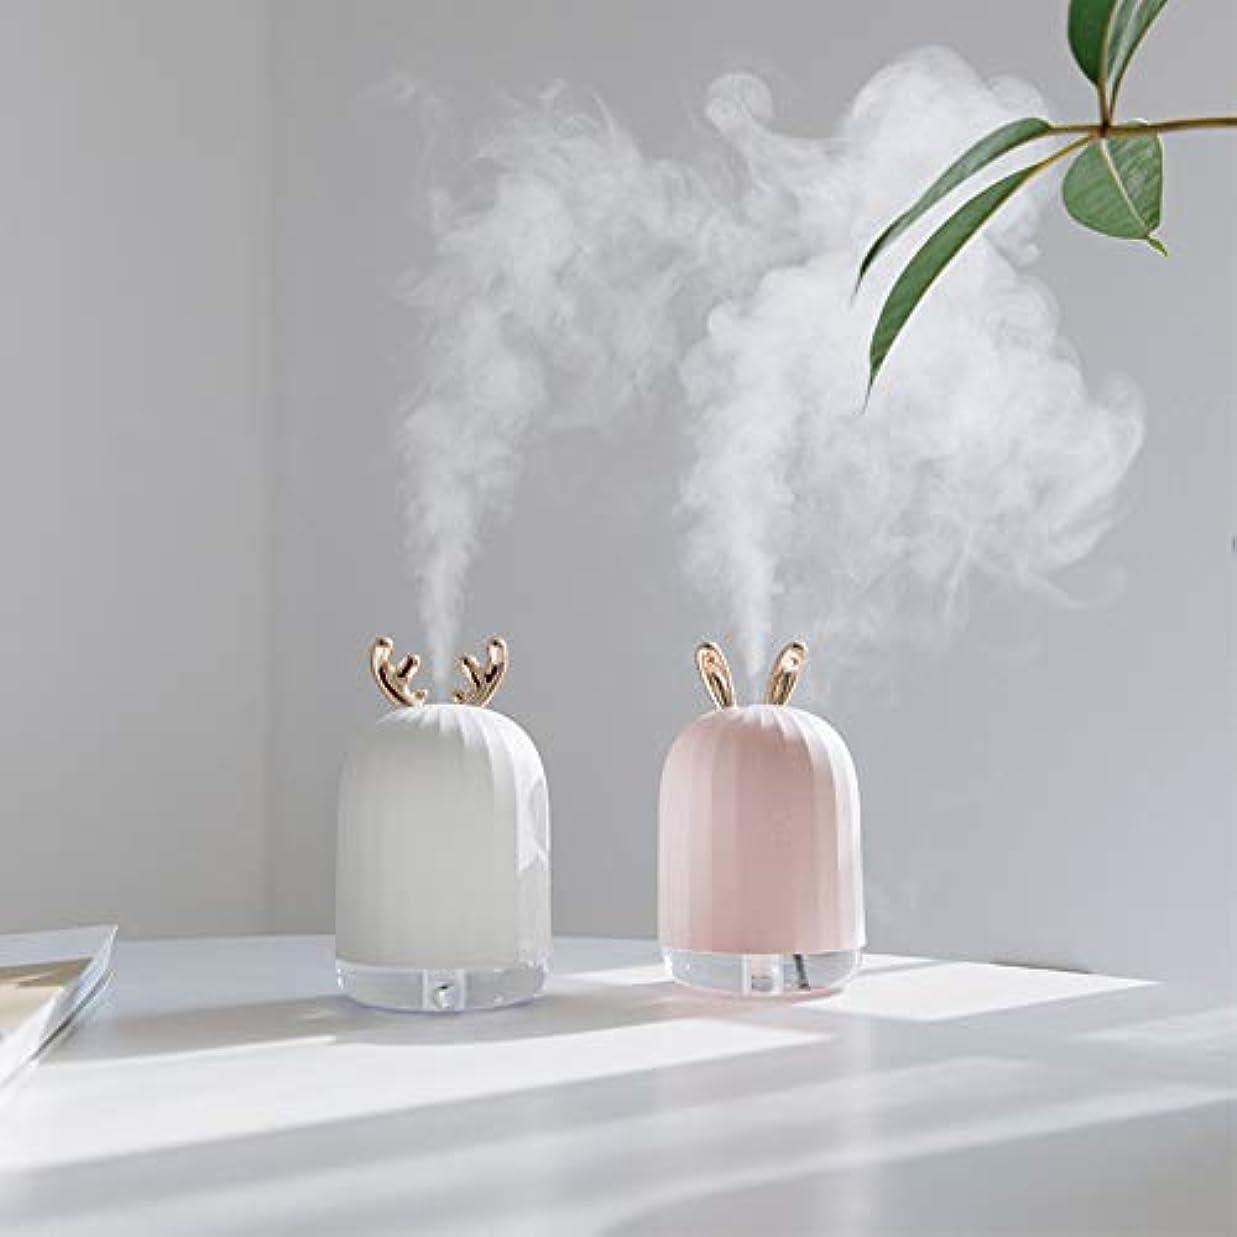 分類する恨みジャグリングZXF LED水蒸気顔加湿器usb充電ナノスプレーカラフルな雰囲気ライトホワイトアントラーズピンクうさぎモデルでクリエイティブ美容水和機器コールドスプレークリエイティブ 滑らかである (色 : White)